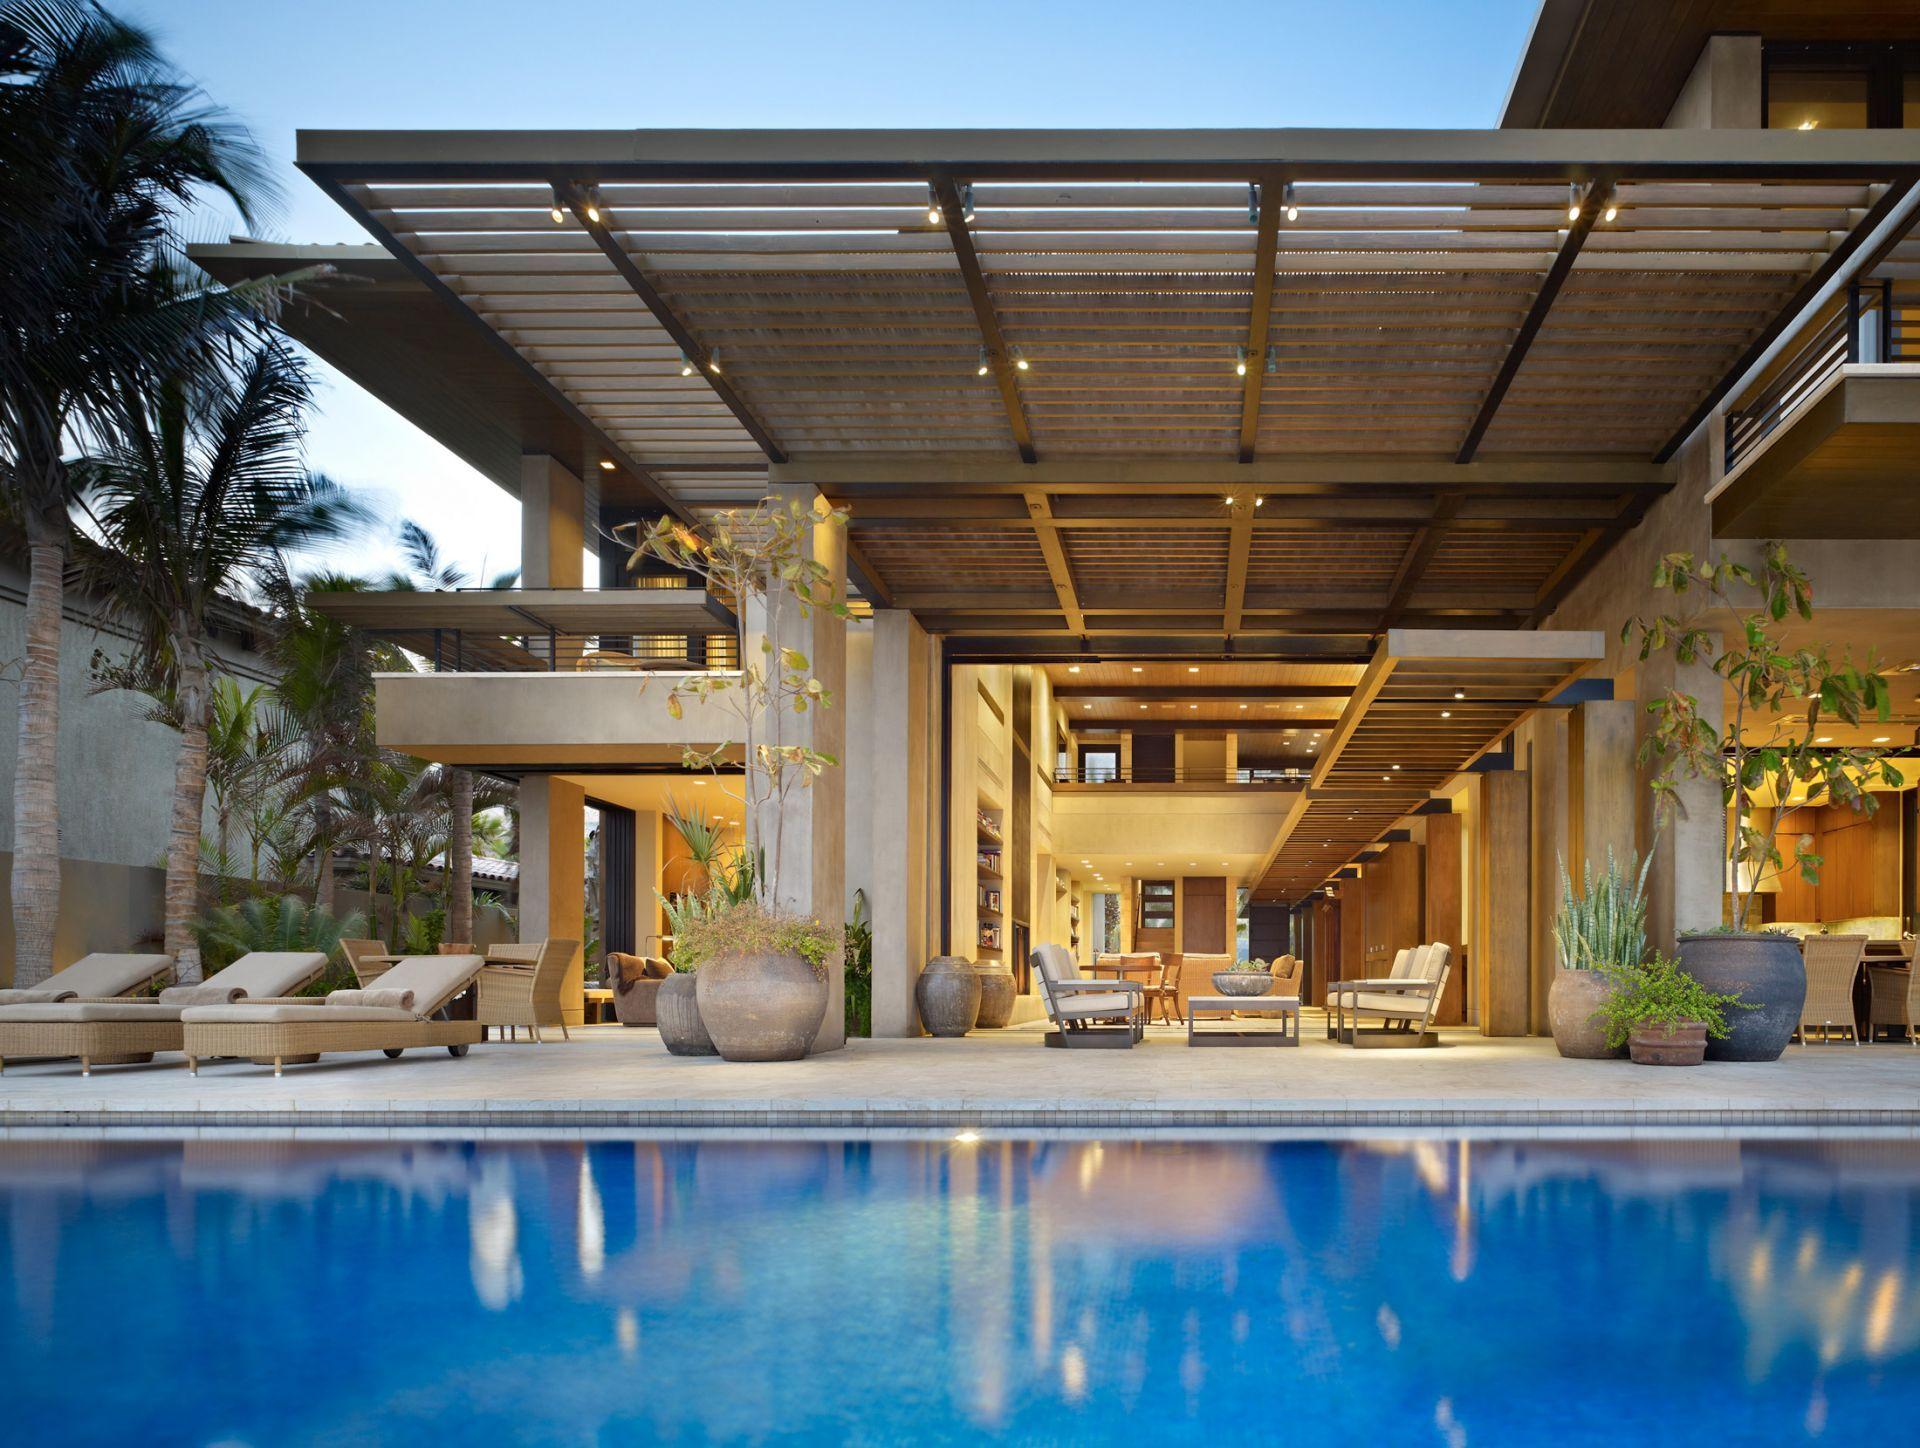 Immobilier cabo san lucas mexique espaces extérieurs intérieur et extérieur rêver maisons ma maison de rêve future maison larchitecture moderne